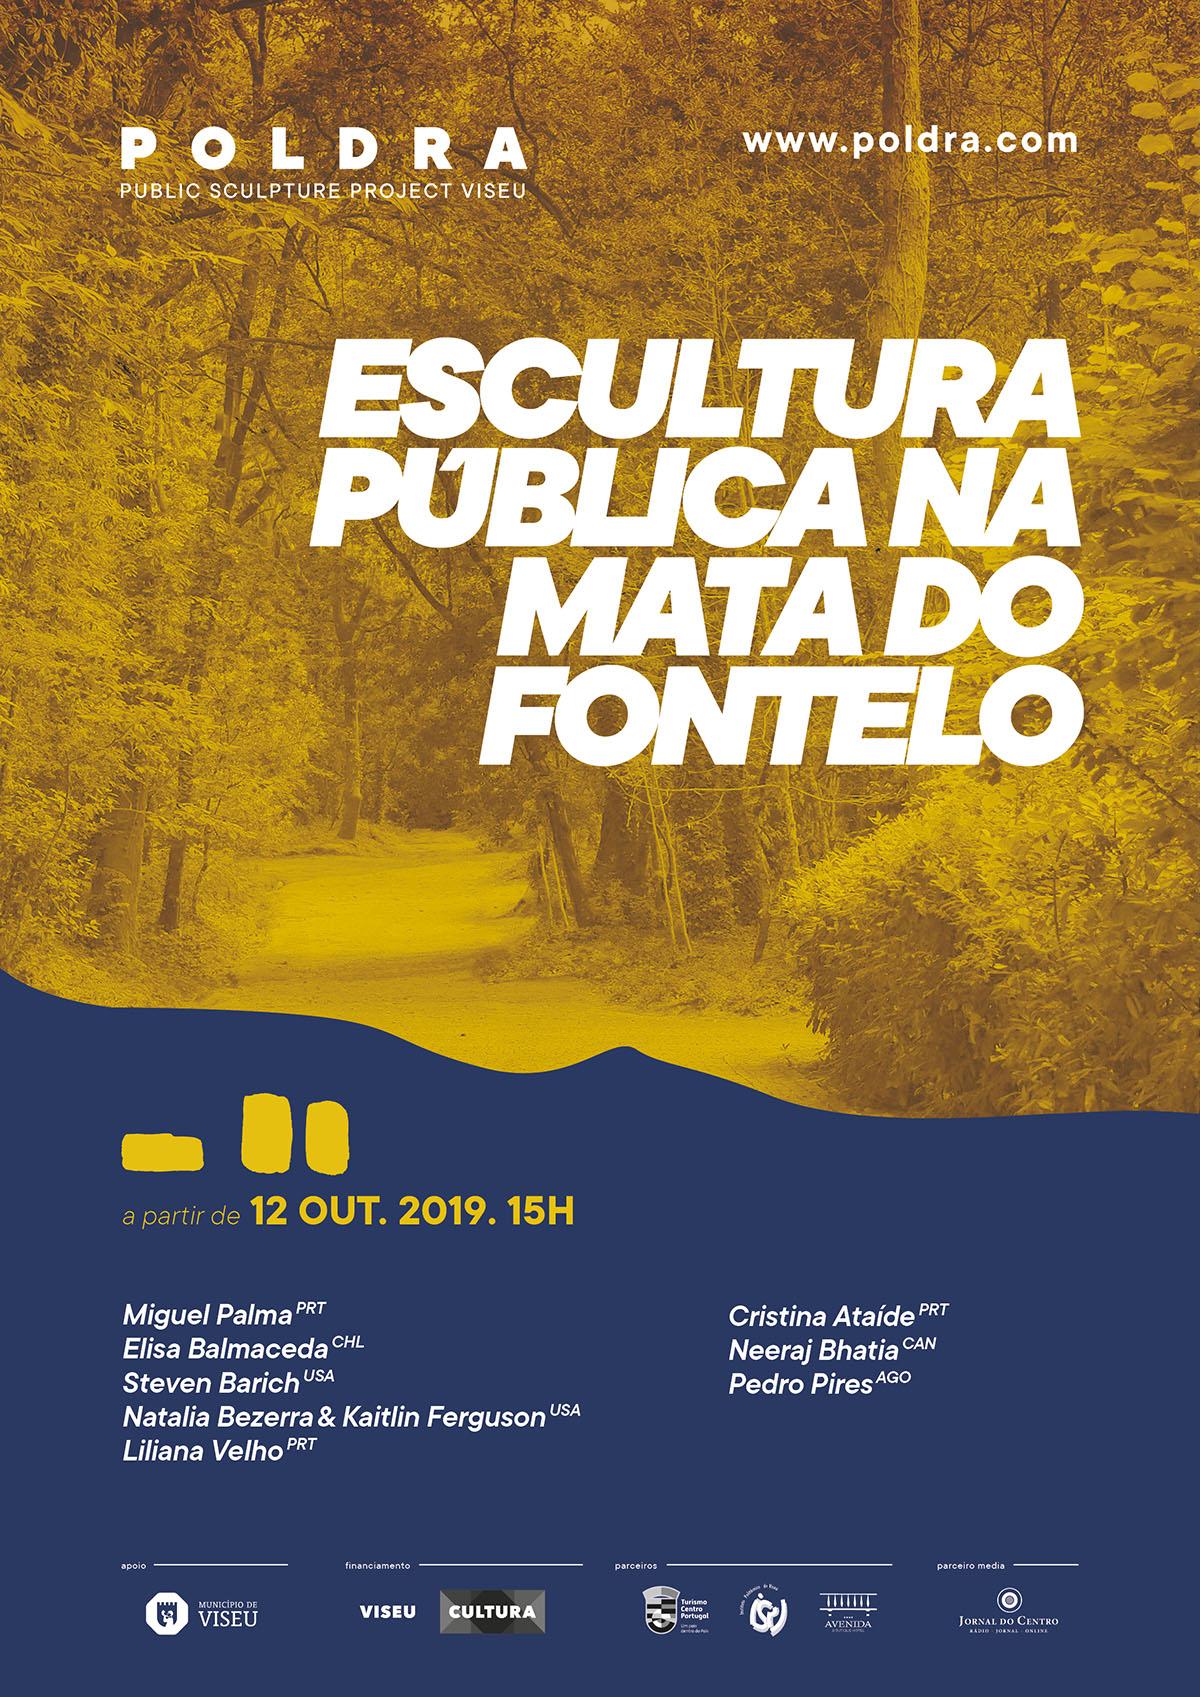 Convite: Inauguração do POLDRA 2019